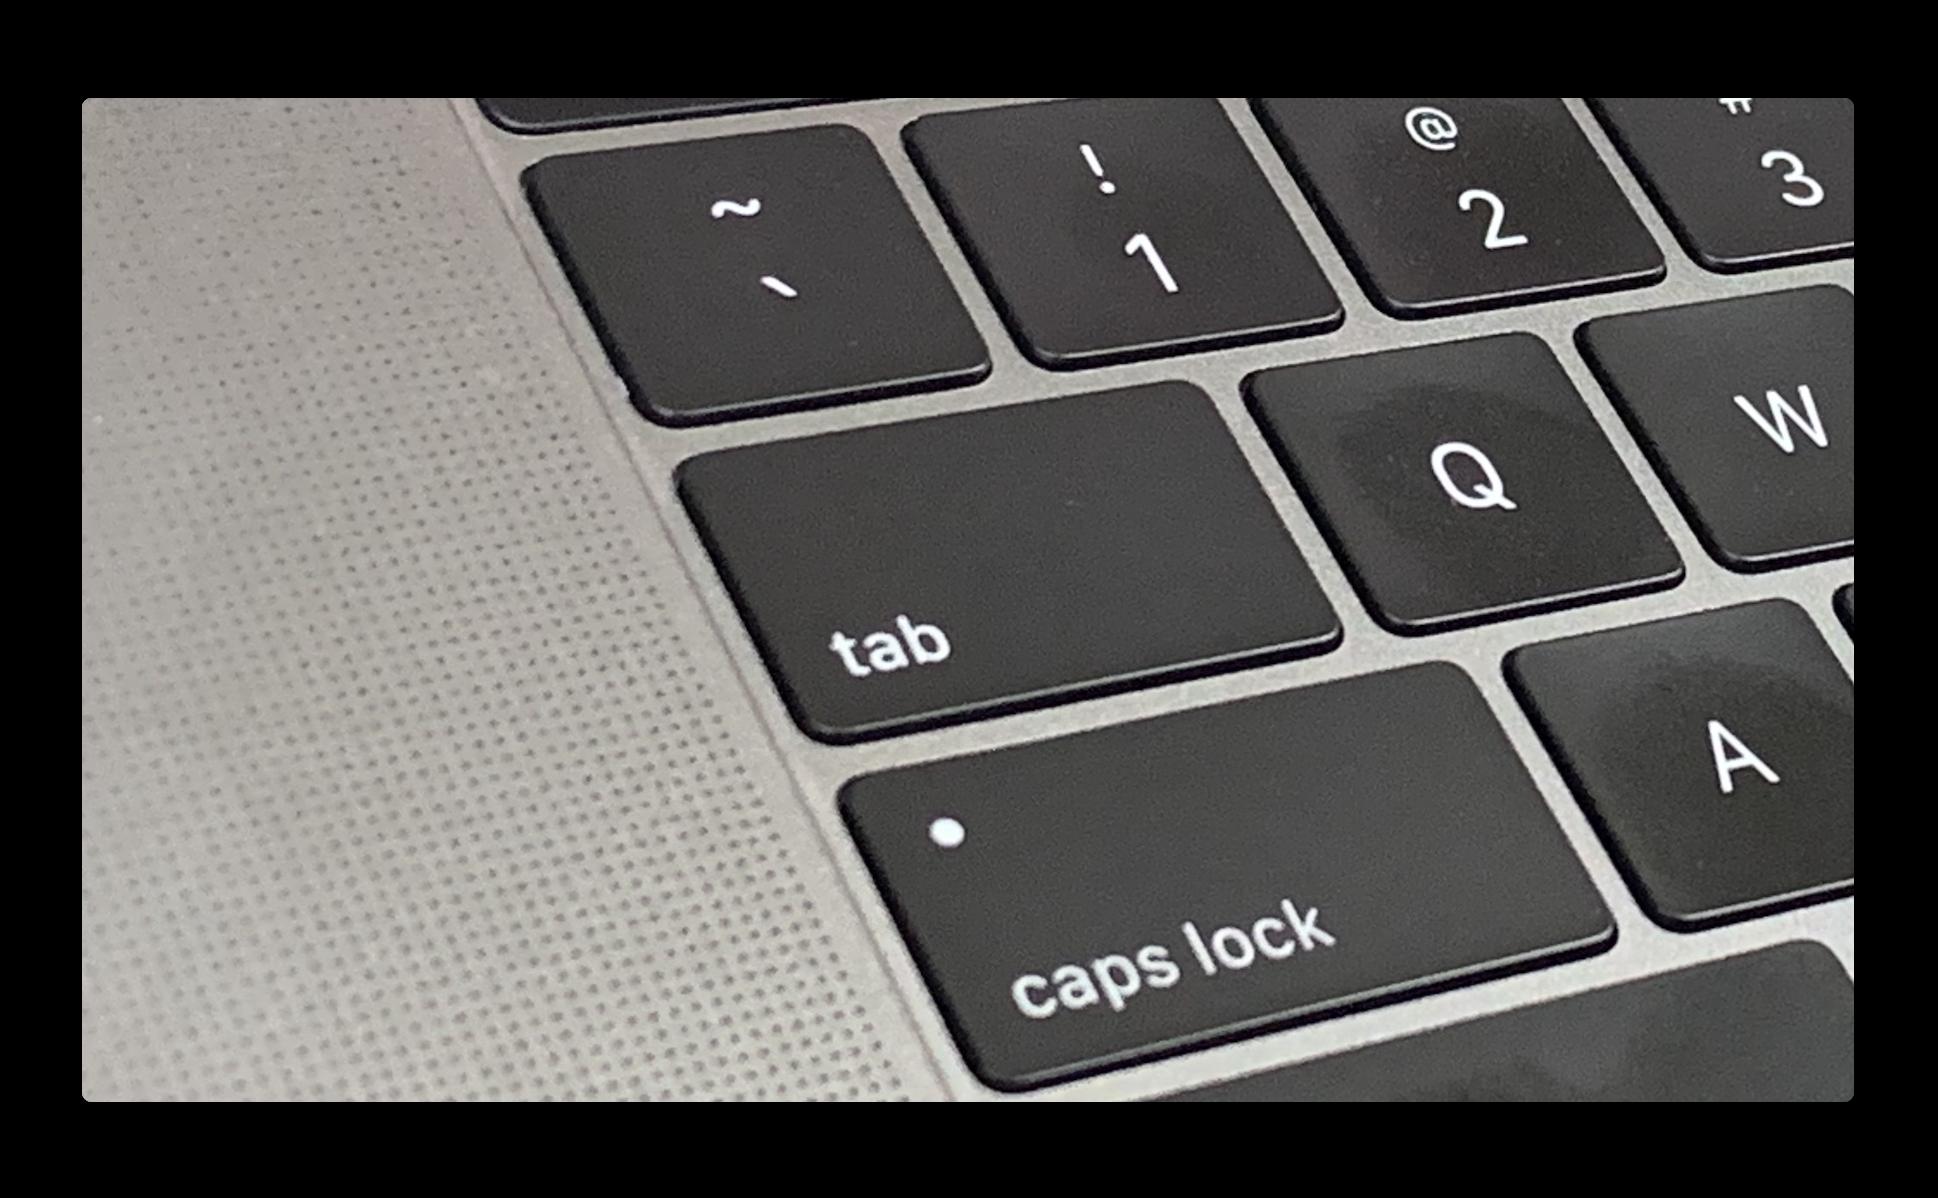 【Mac】「tab」キーはなかなか強力なショートカットキー